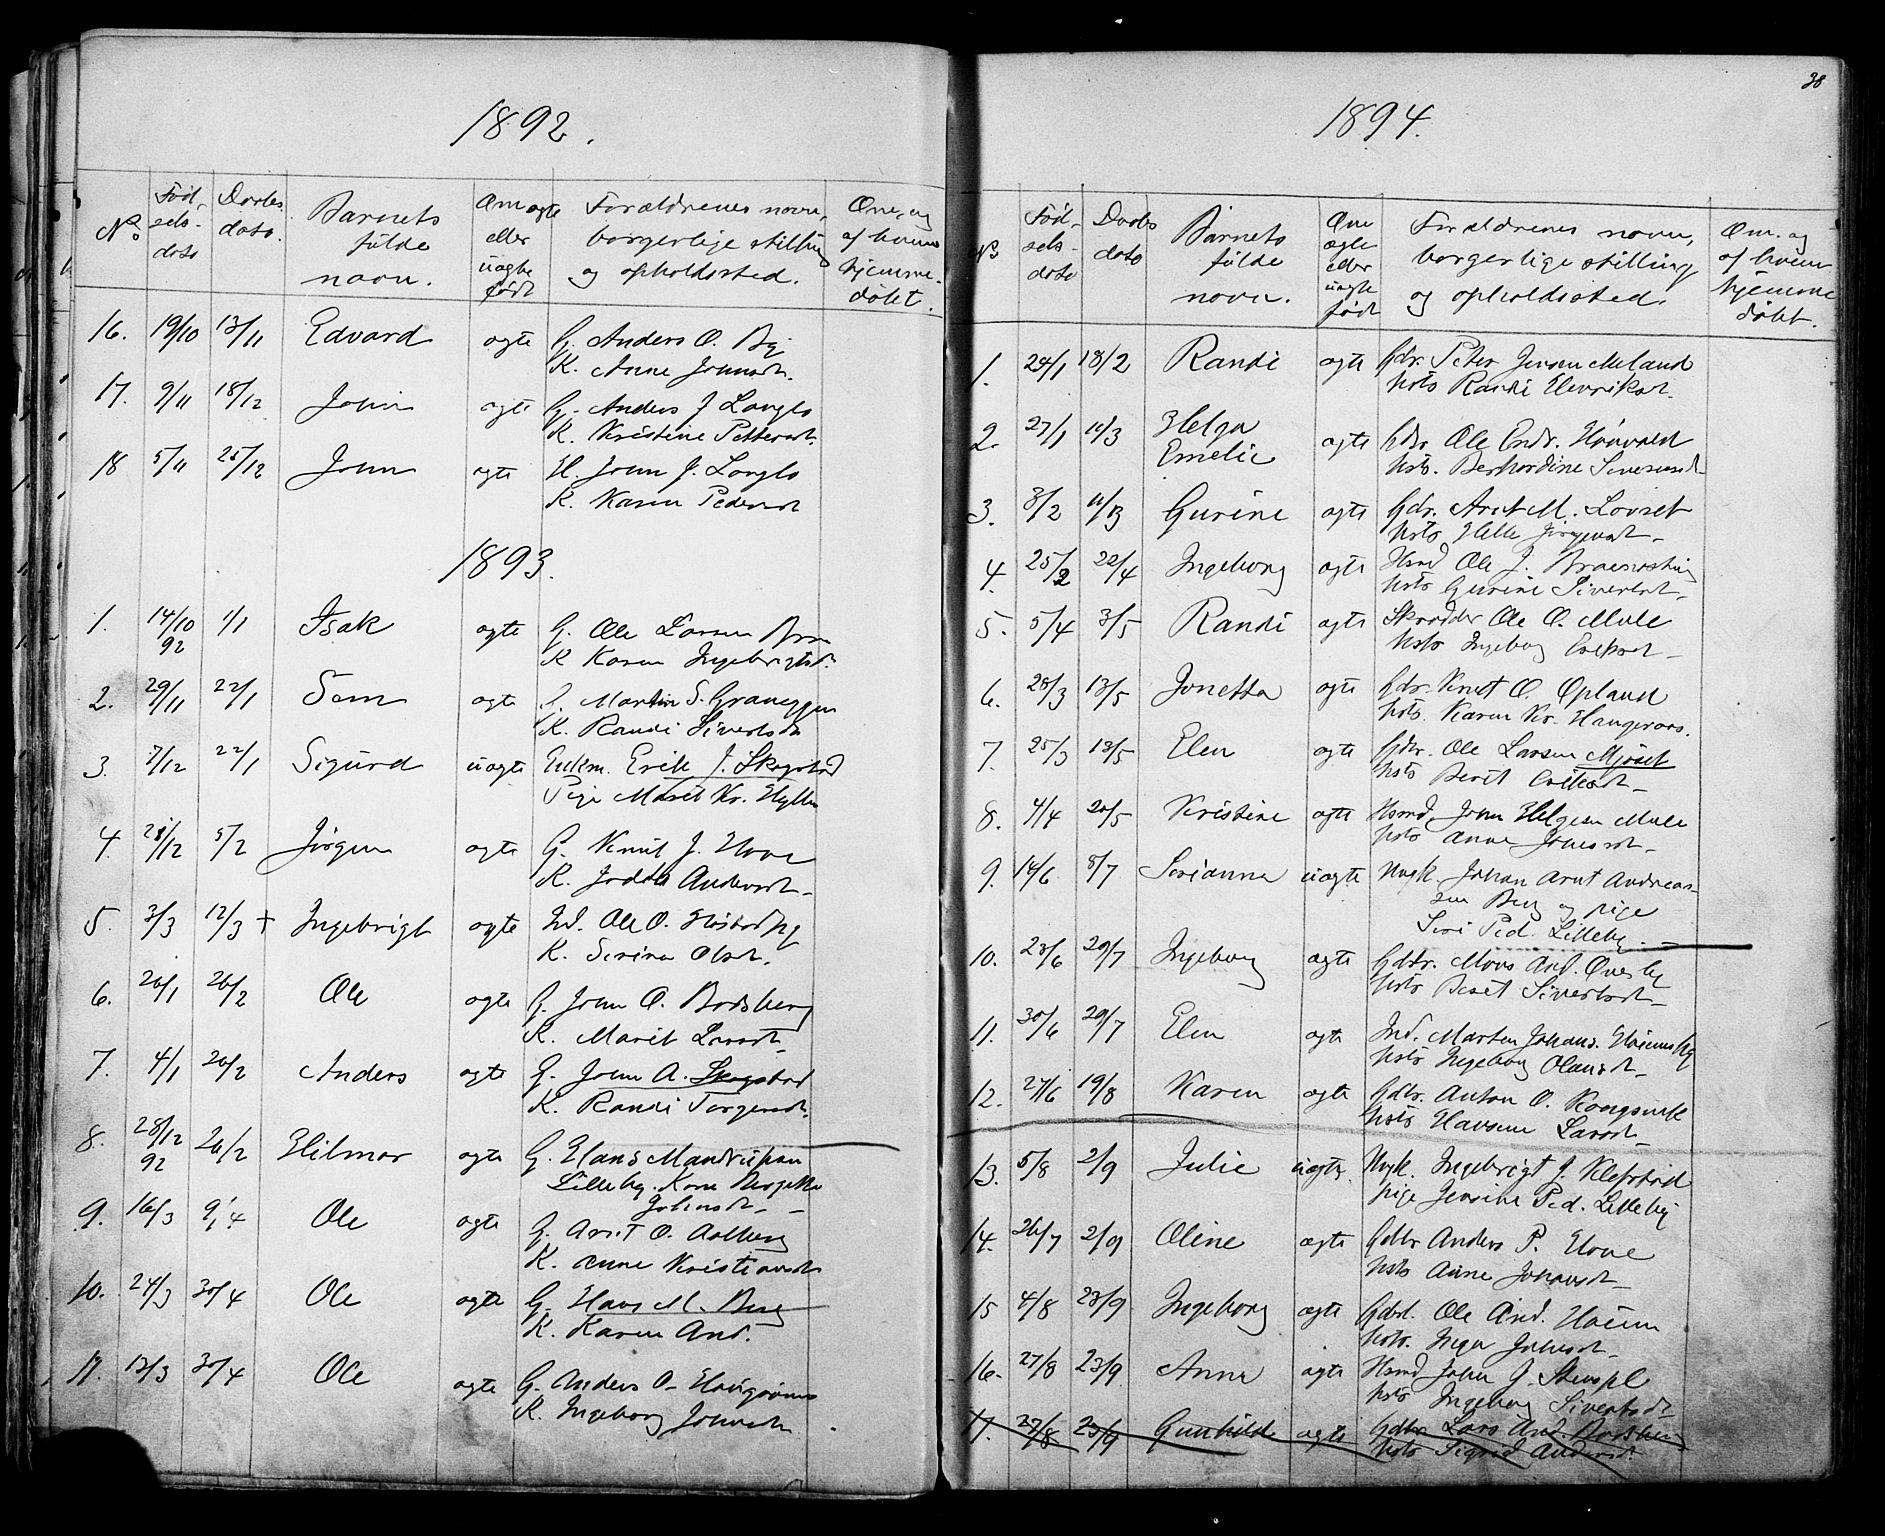 SAT, Ministerialprotokoller, klokkerbøker og fødselsregistre - Sør-Trøndelag, 612/L0387: Klokkerbok nr. 612C03, 1874-1908, s. 38